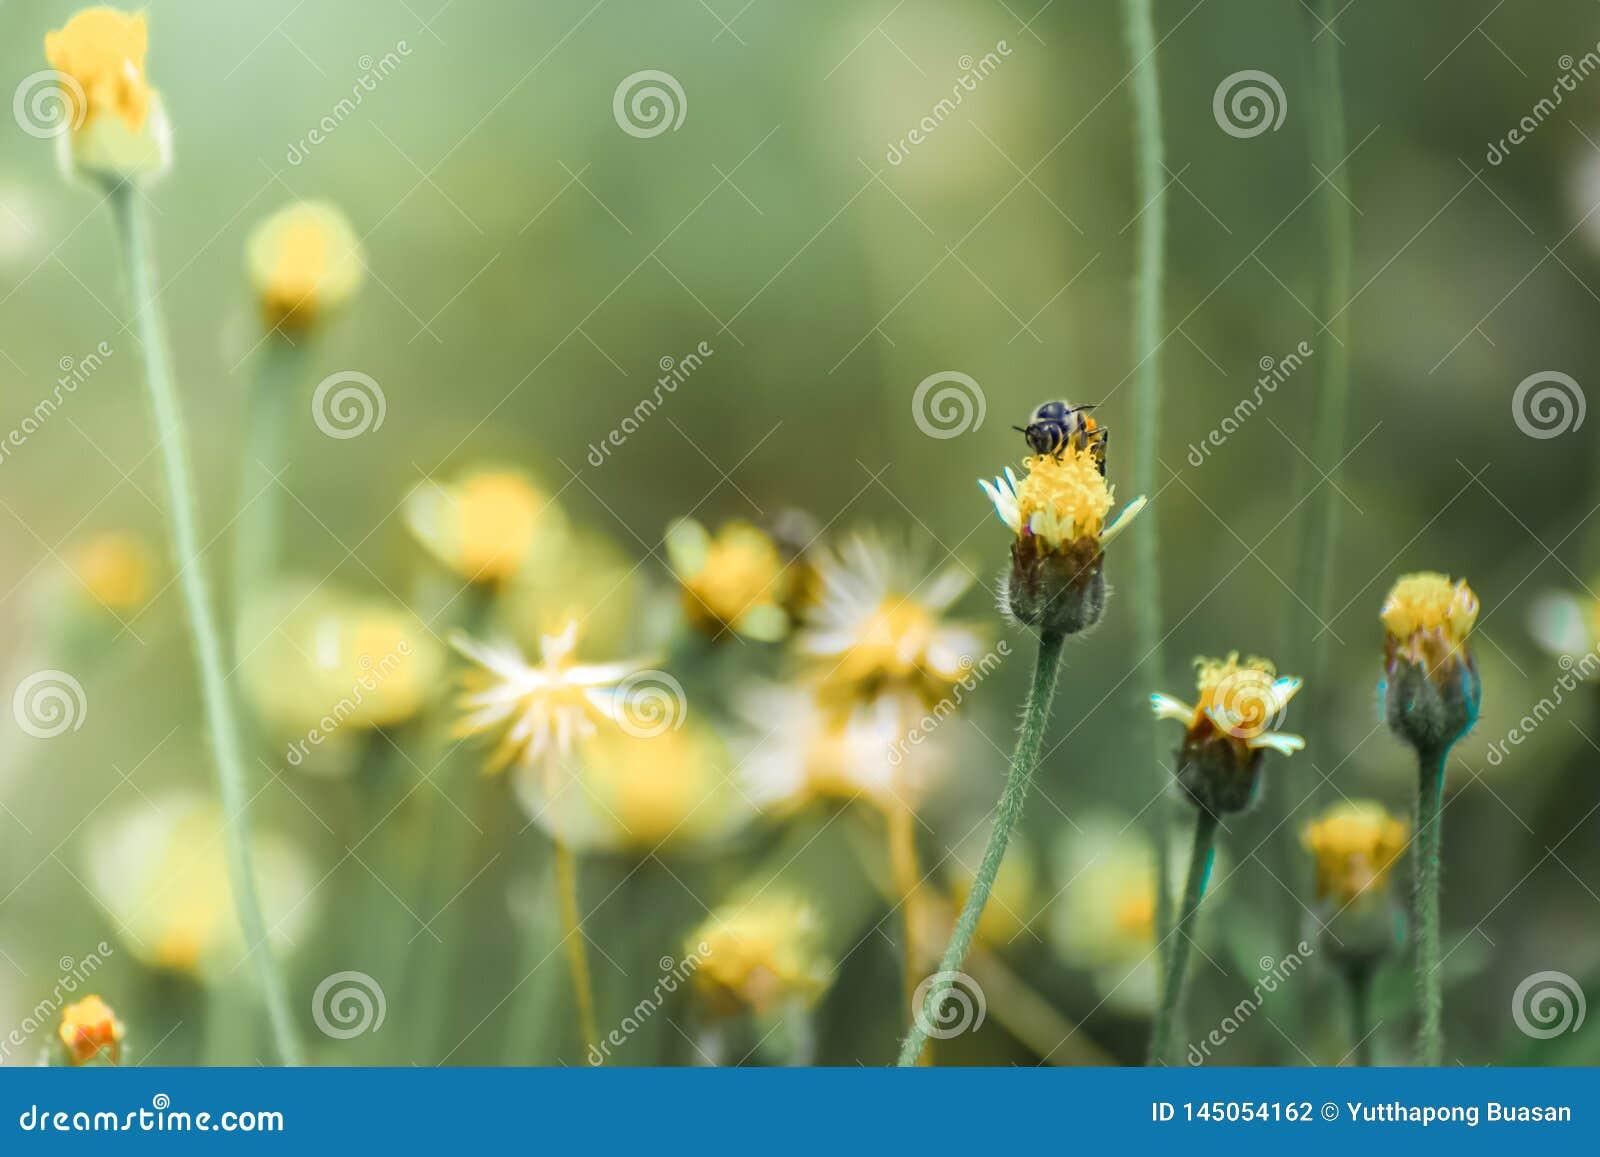 De bij op de bloem